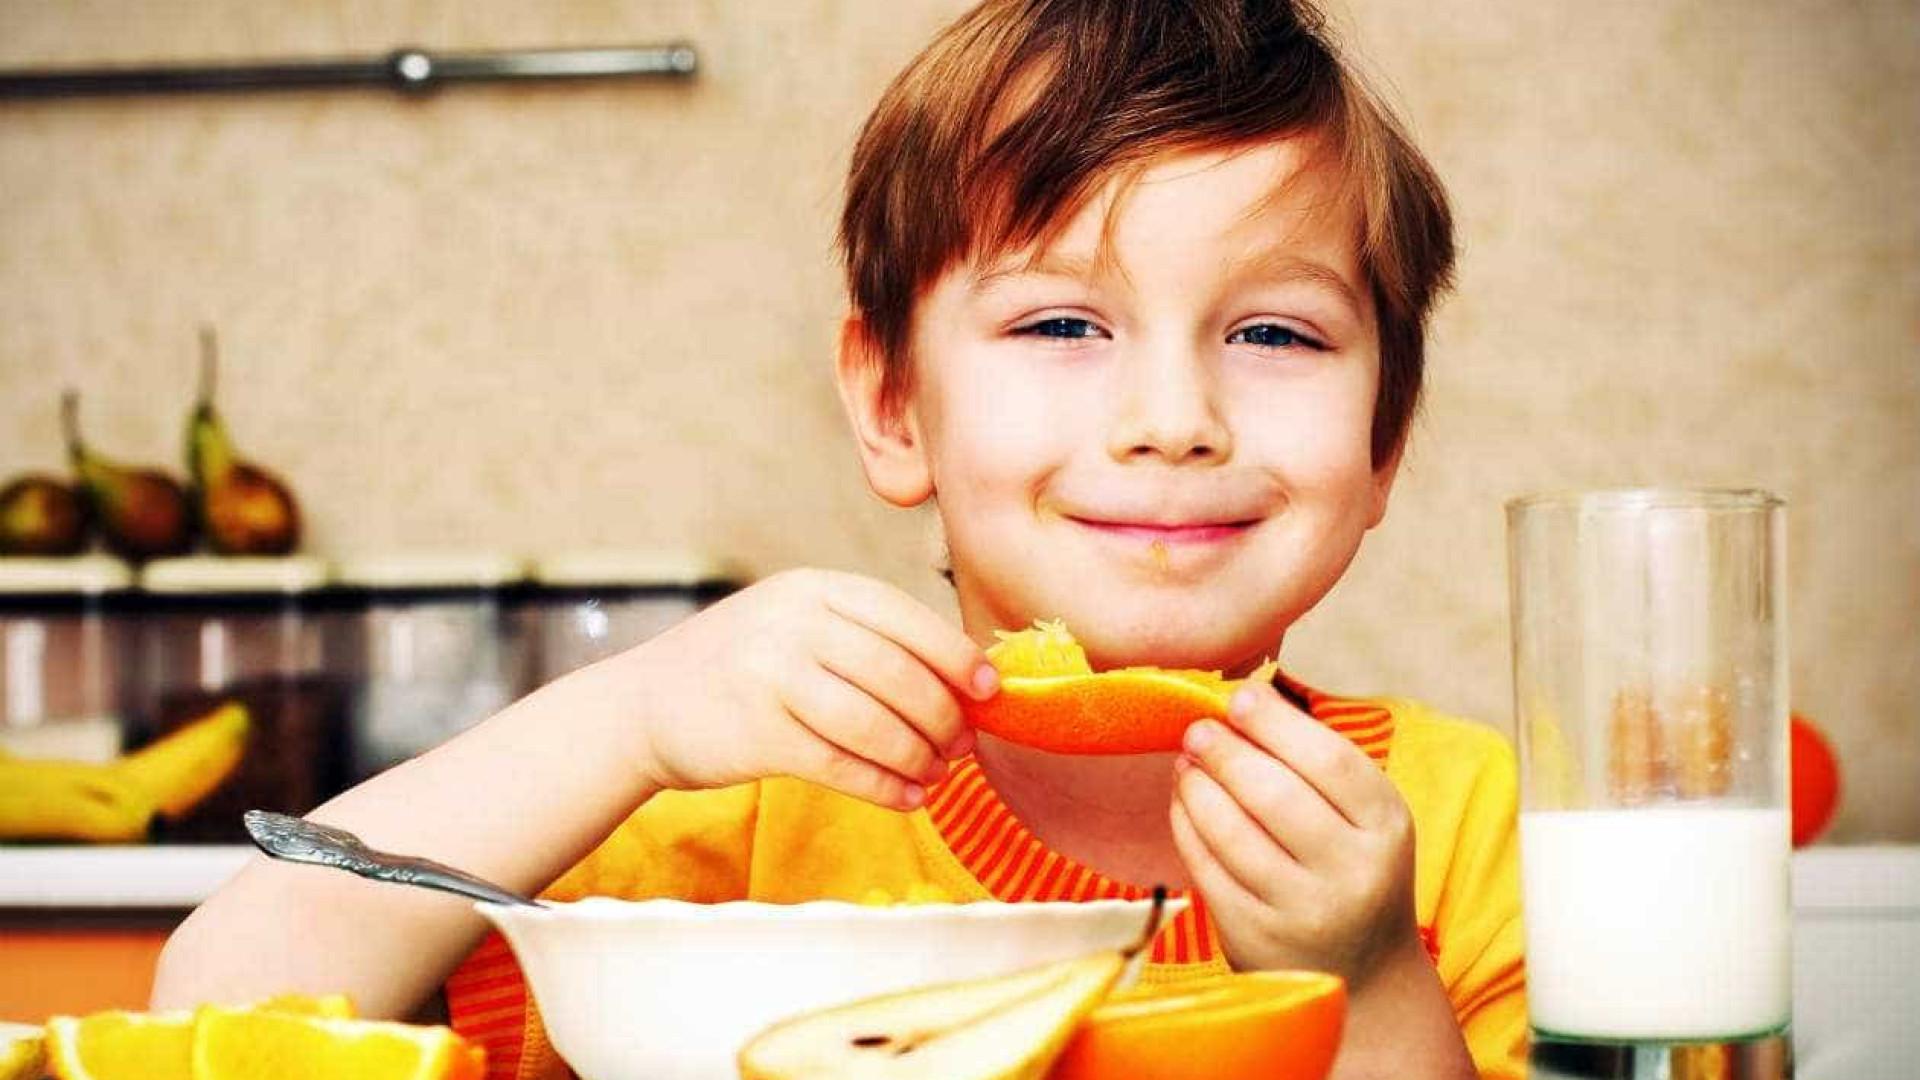 10 dicas para tornar alimentação das crianças mais saudável e atraente